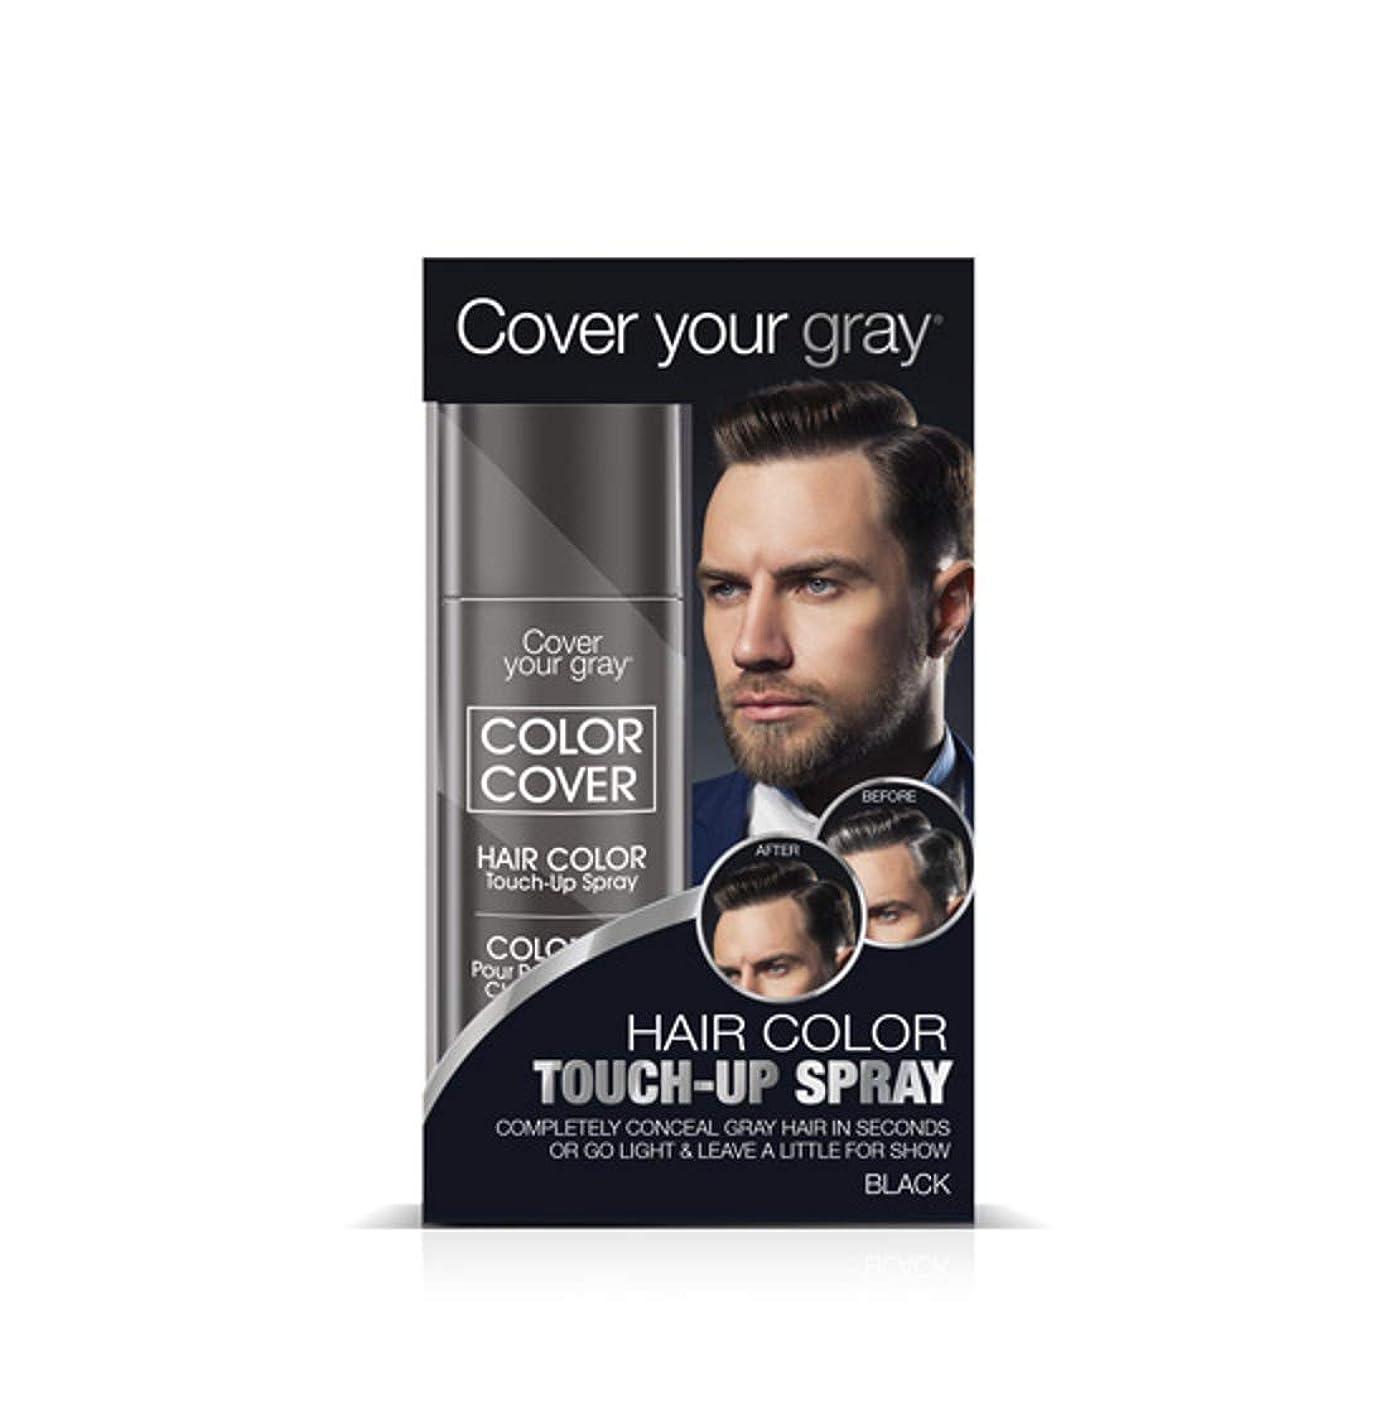 クリーク器官衣服Cover Your Gray メンズカラーカバータッチアップスプレー - ブラック(3パック)